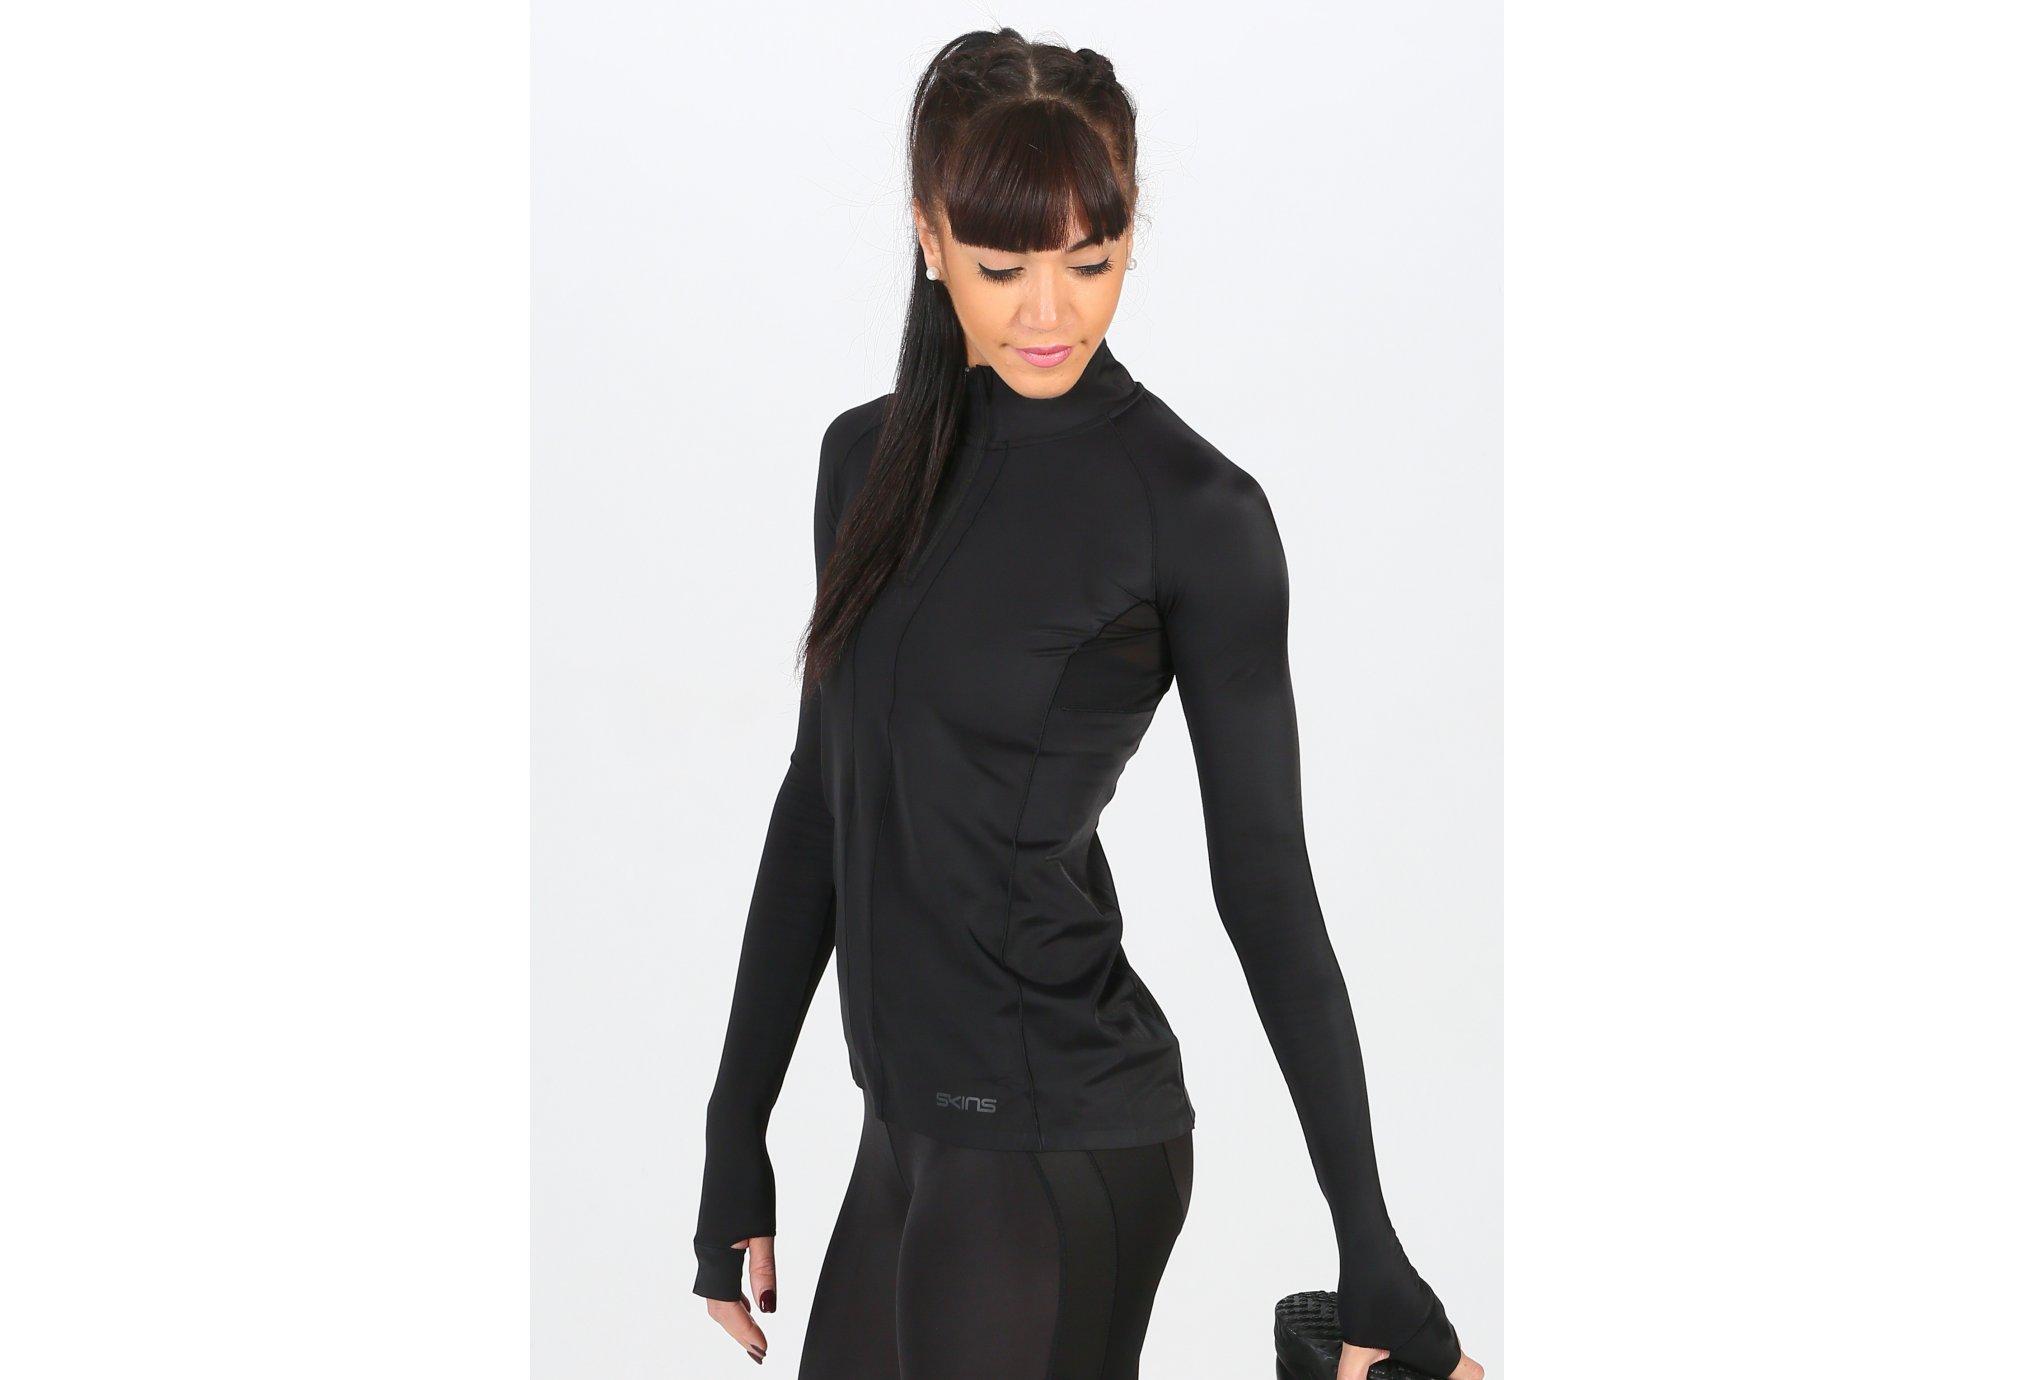 Skins DNAmic Ultimate 1/4 Zip W Diététique Vêtements femme